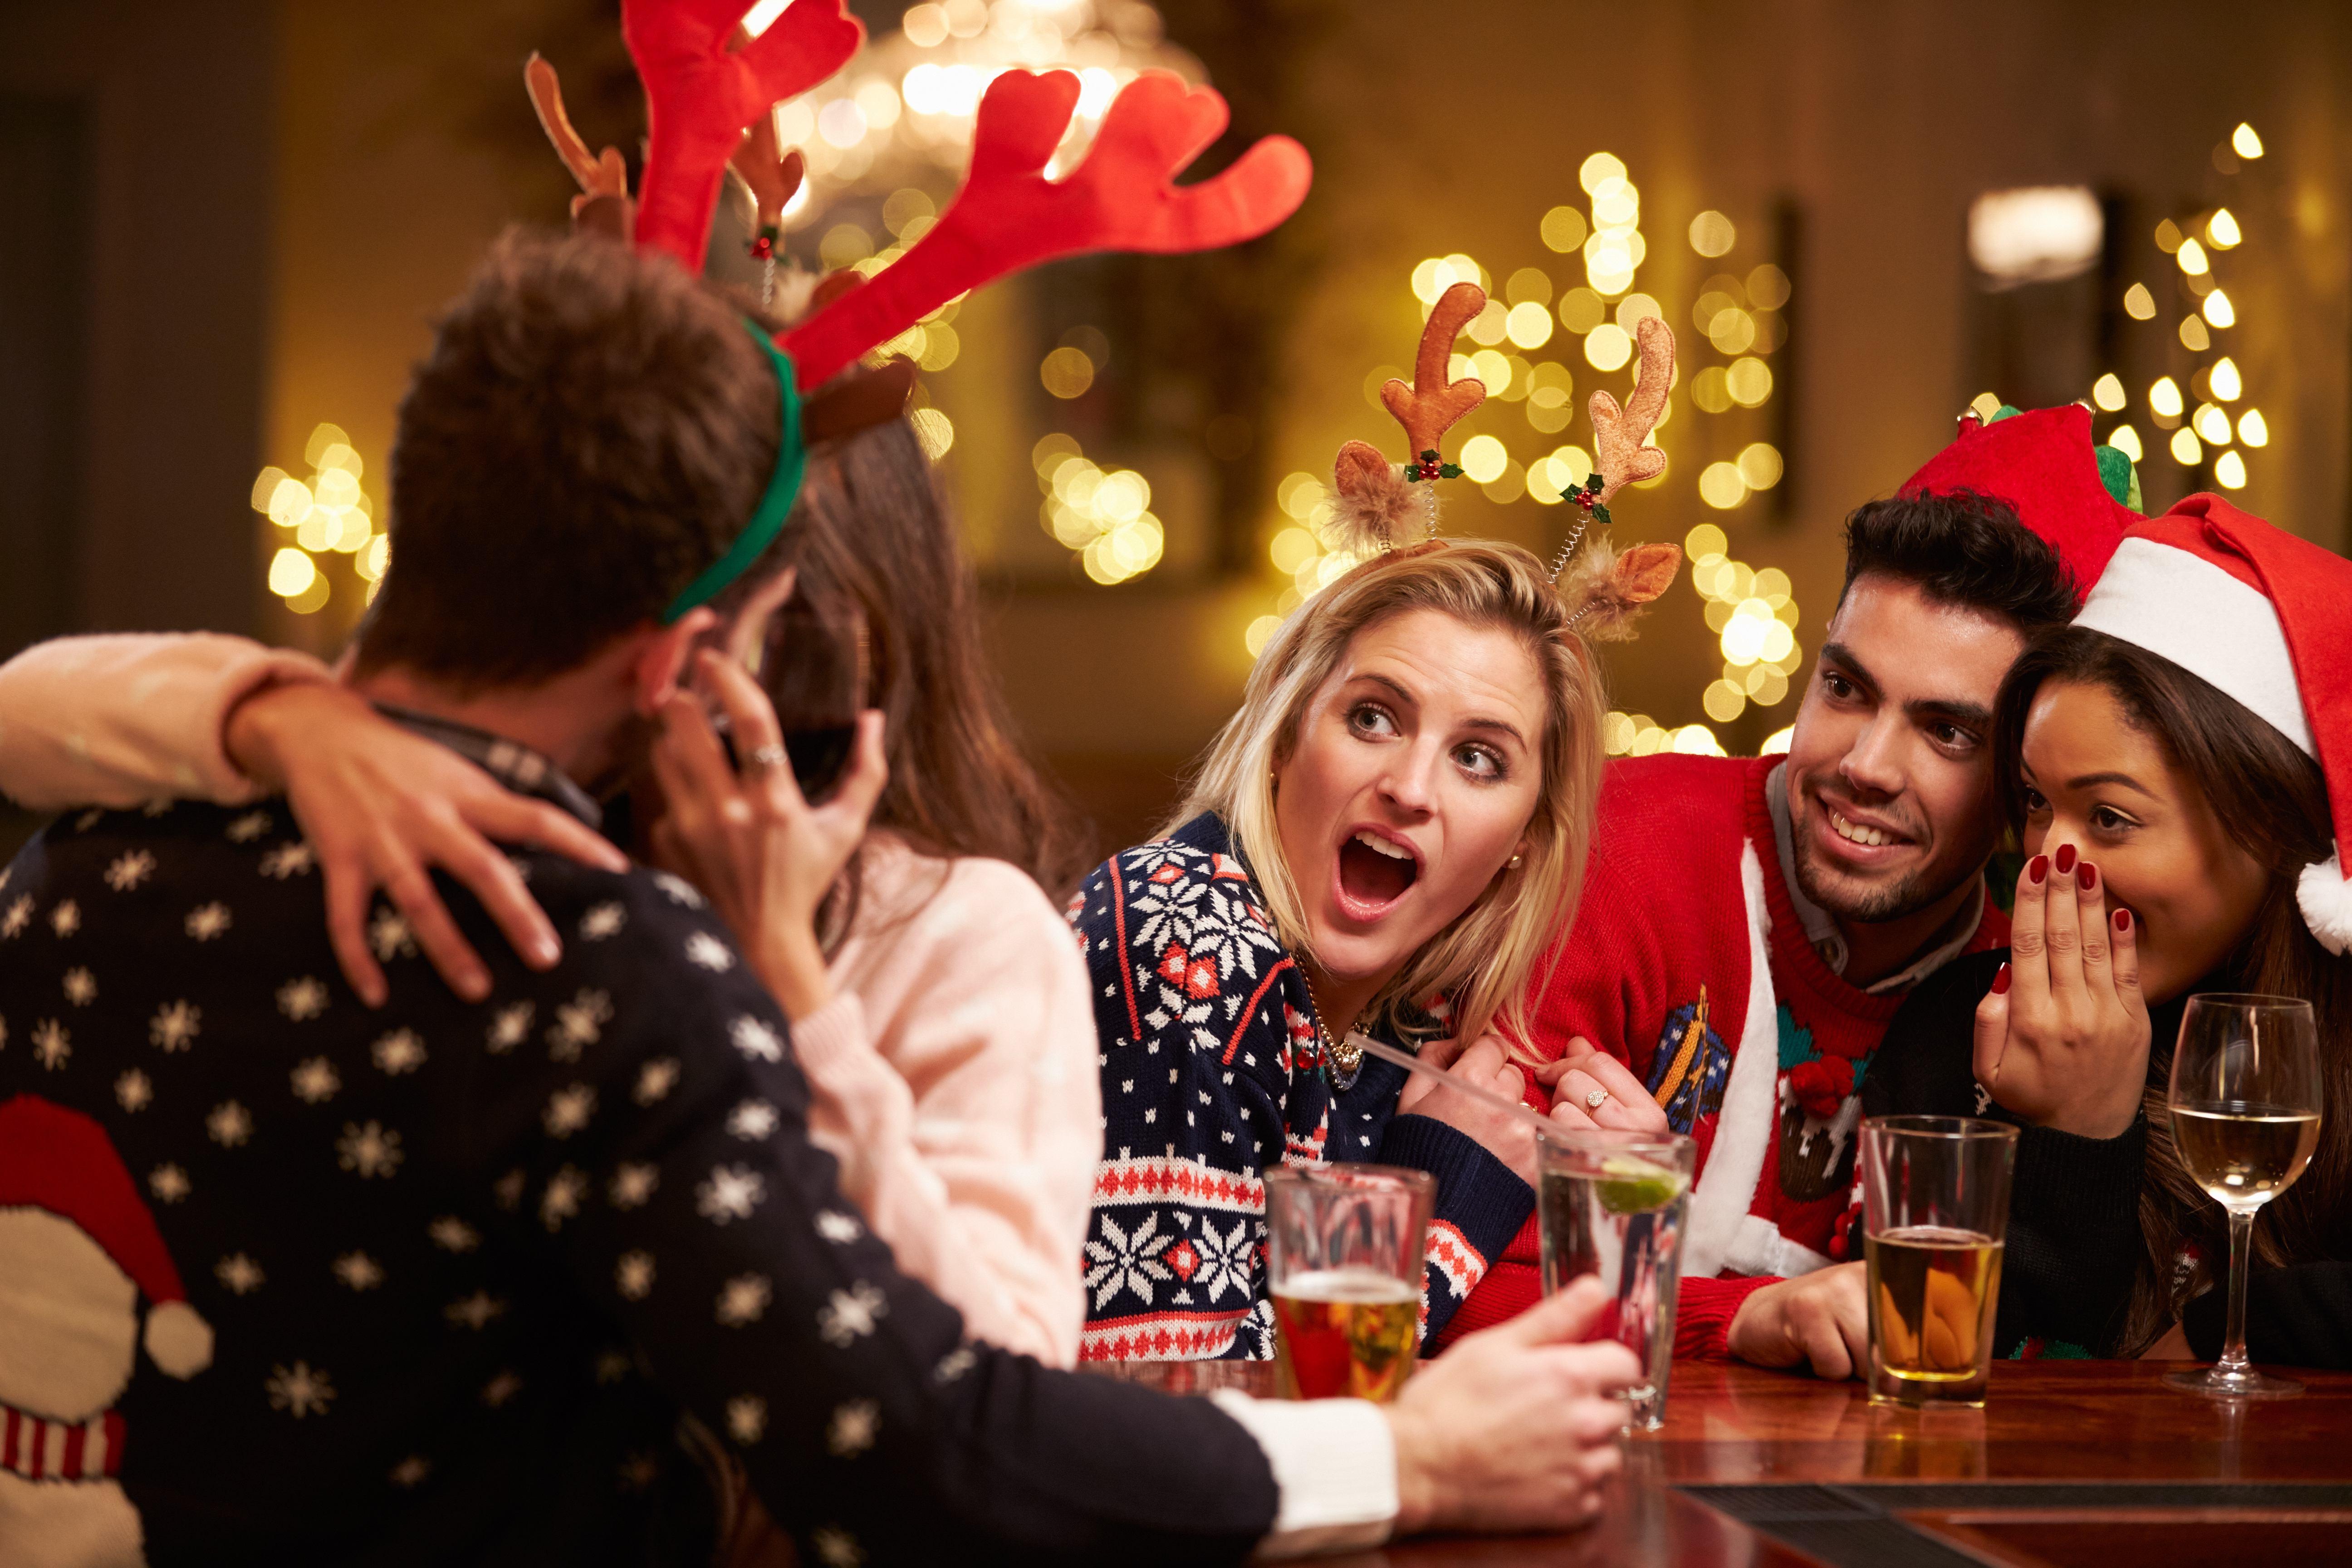 Oei! Mensen met dít beroep gaan het vaakst vreemd tijdens de kerstborrel